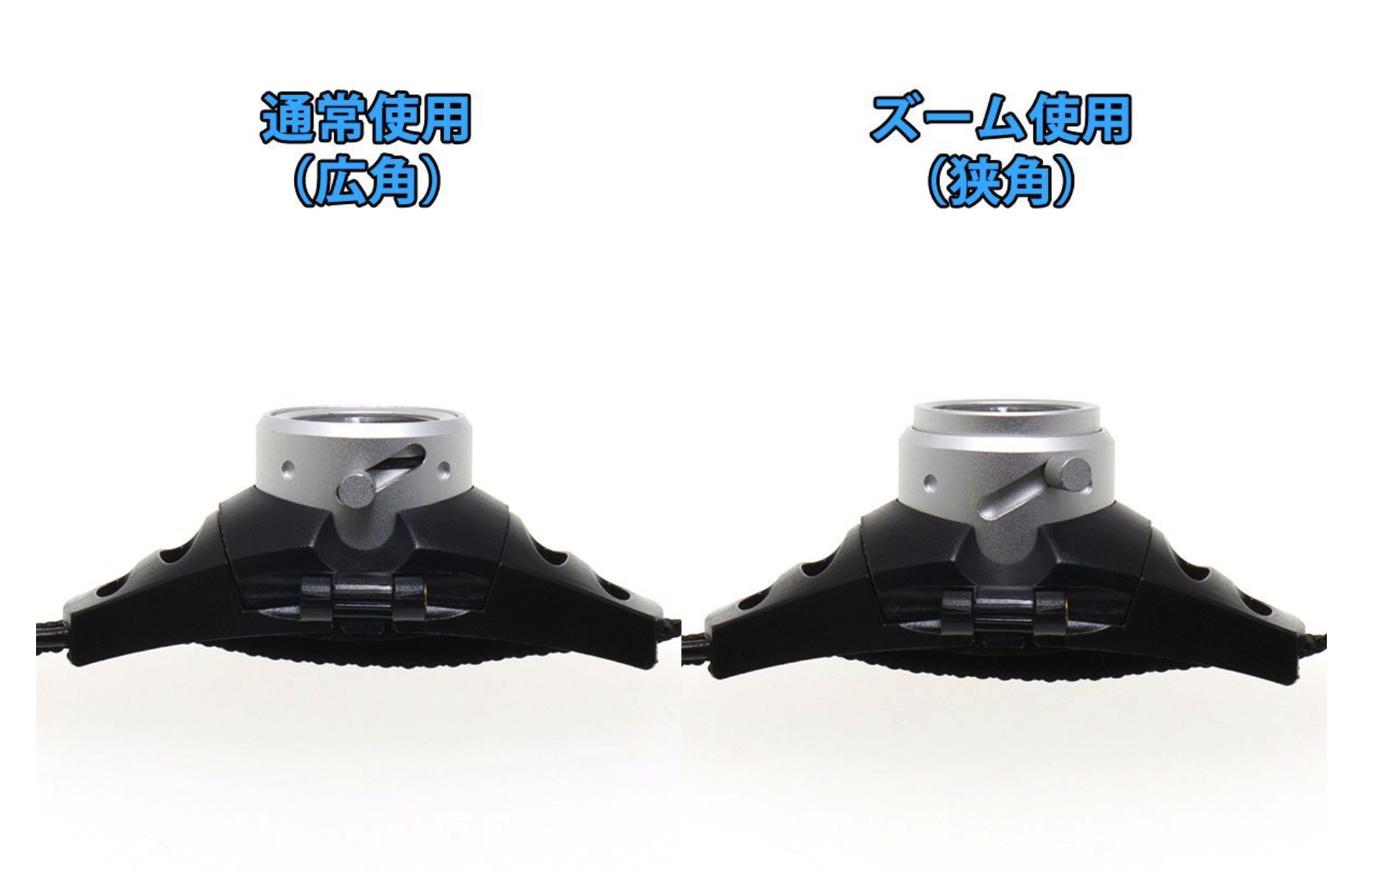 ReUdo ランニングライト 軽量ウエストベルトタイプ-8